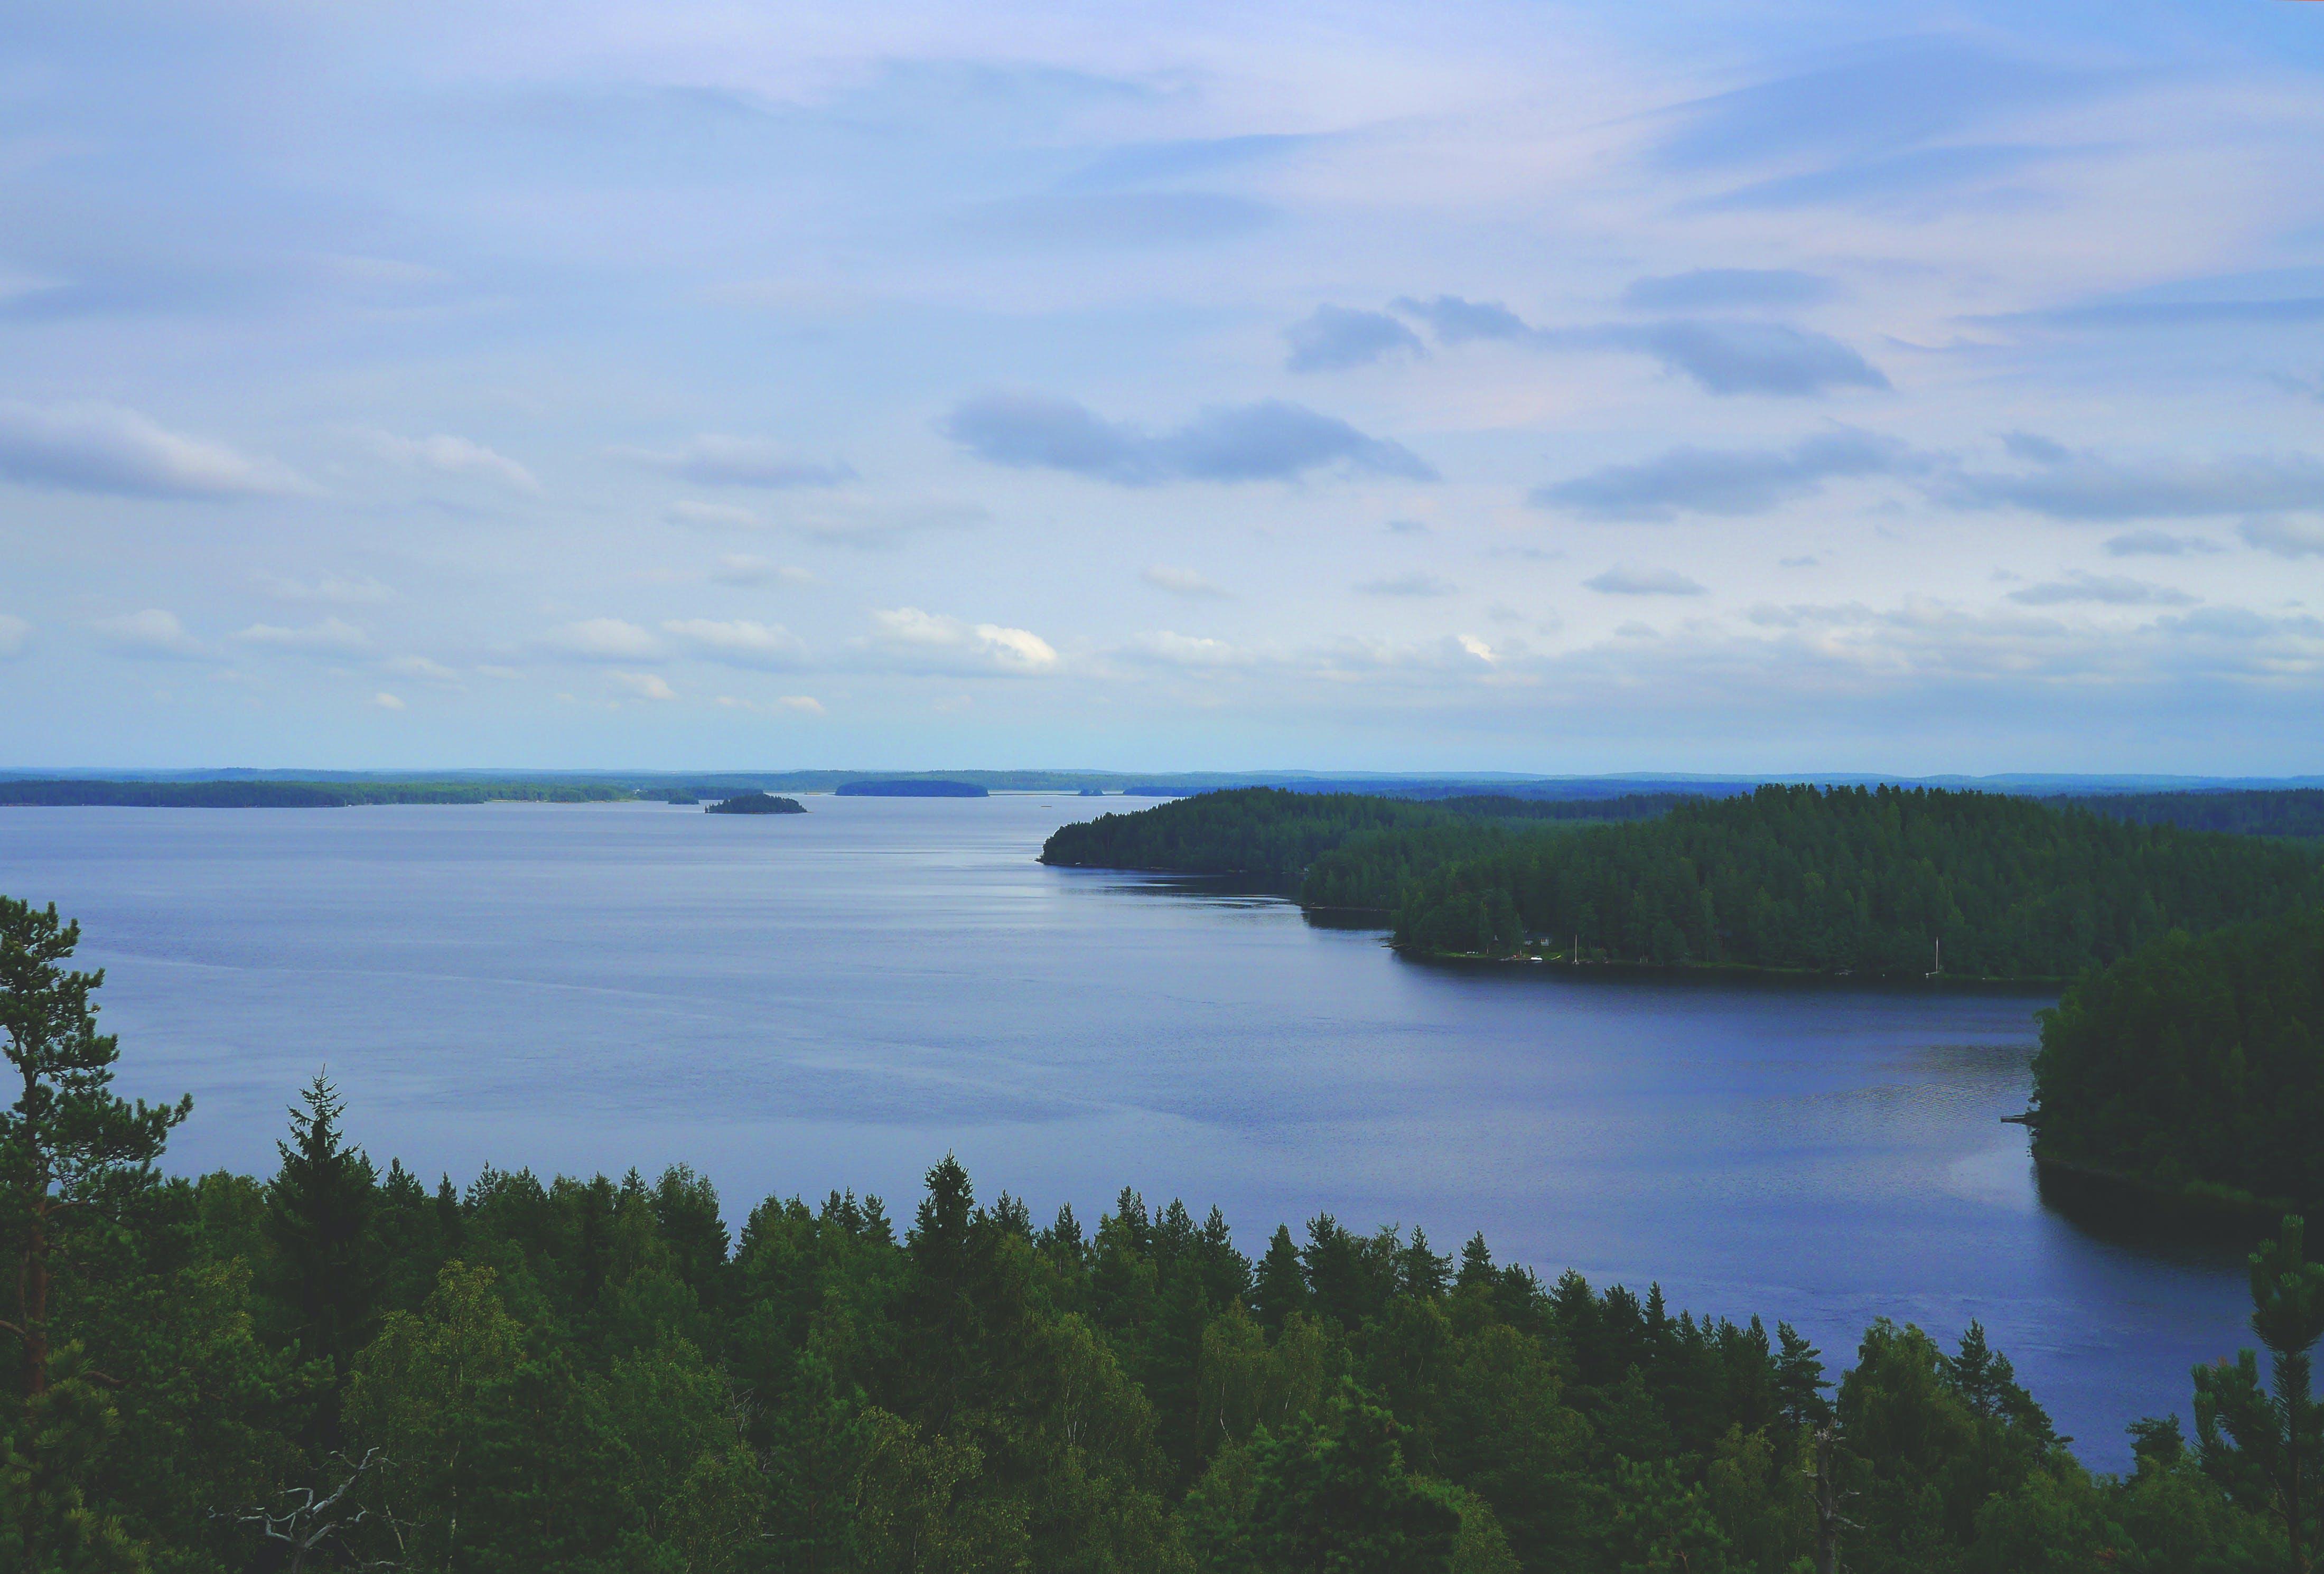 Kostenloses Stock Foto zu bäume, himmel, inseln, landschaft